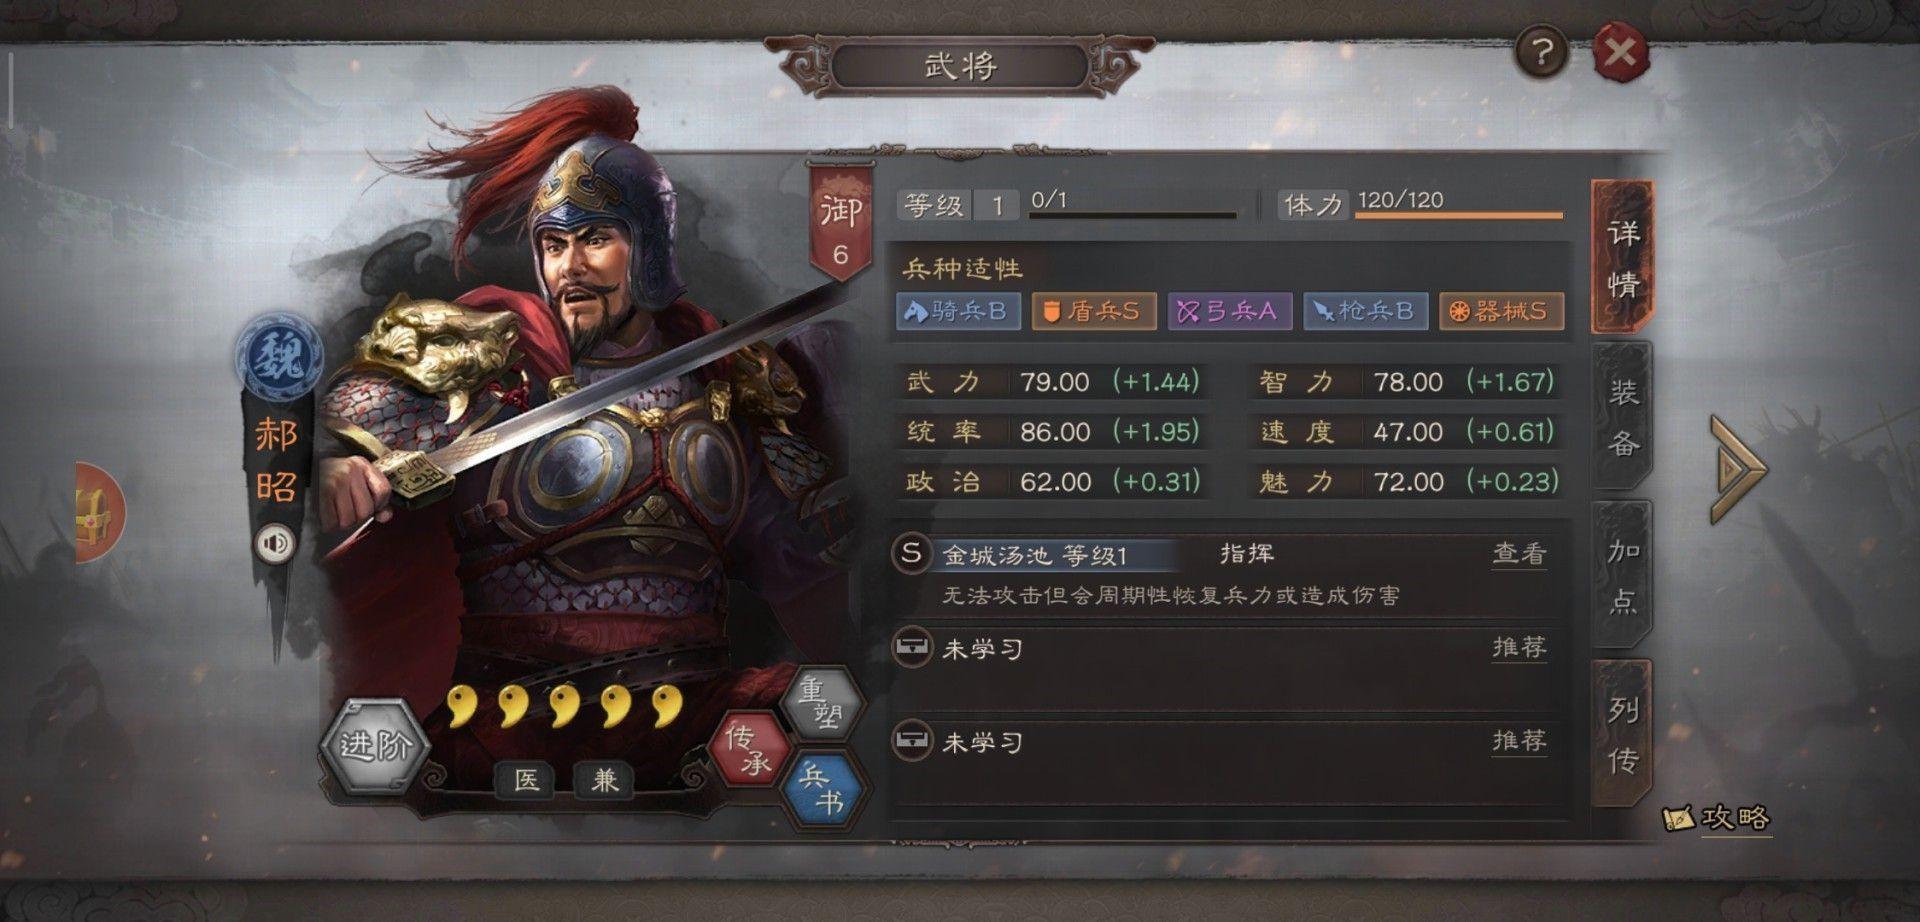 【攻略】《三國志・戰略版》魏國郝昭將軍深入分析